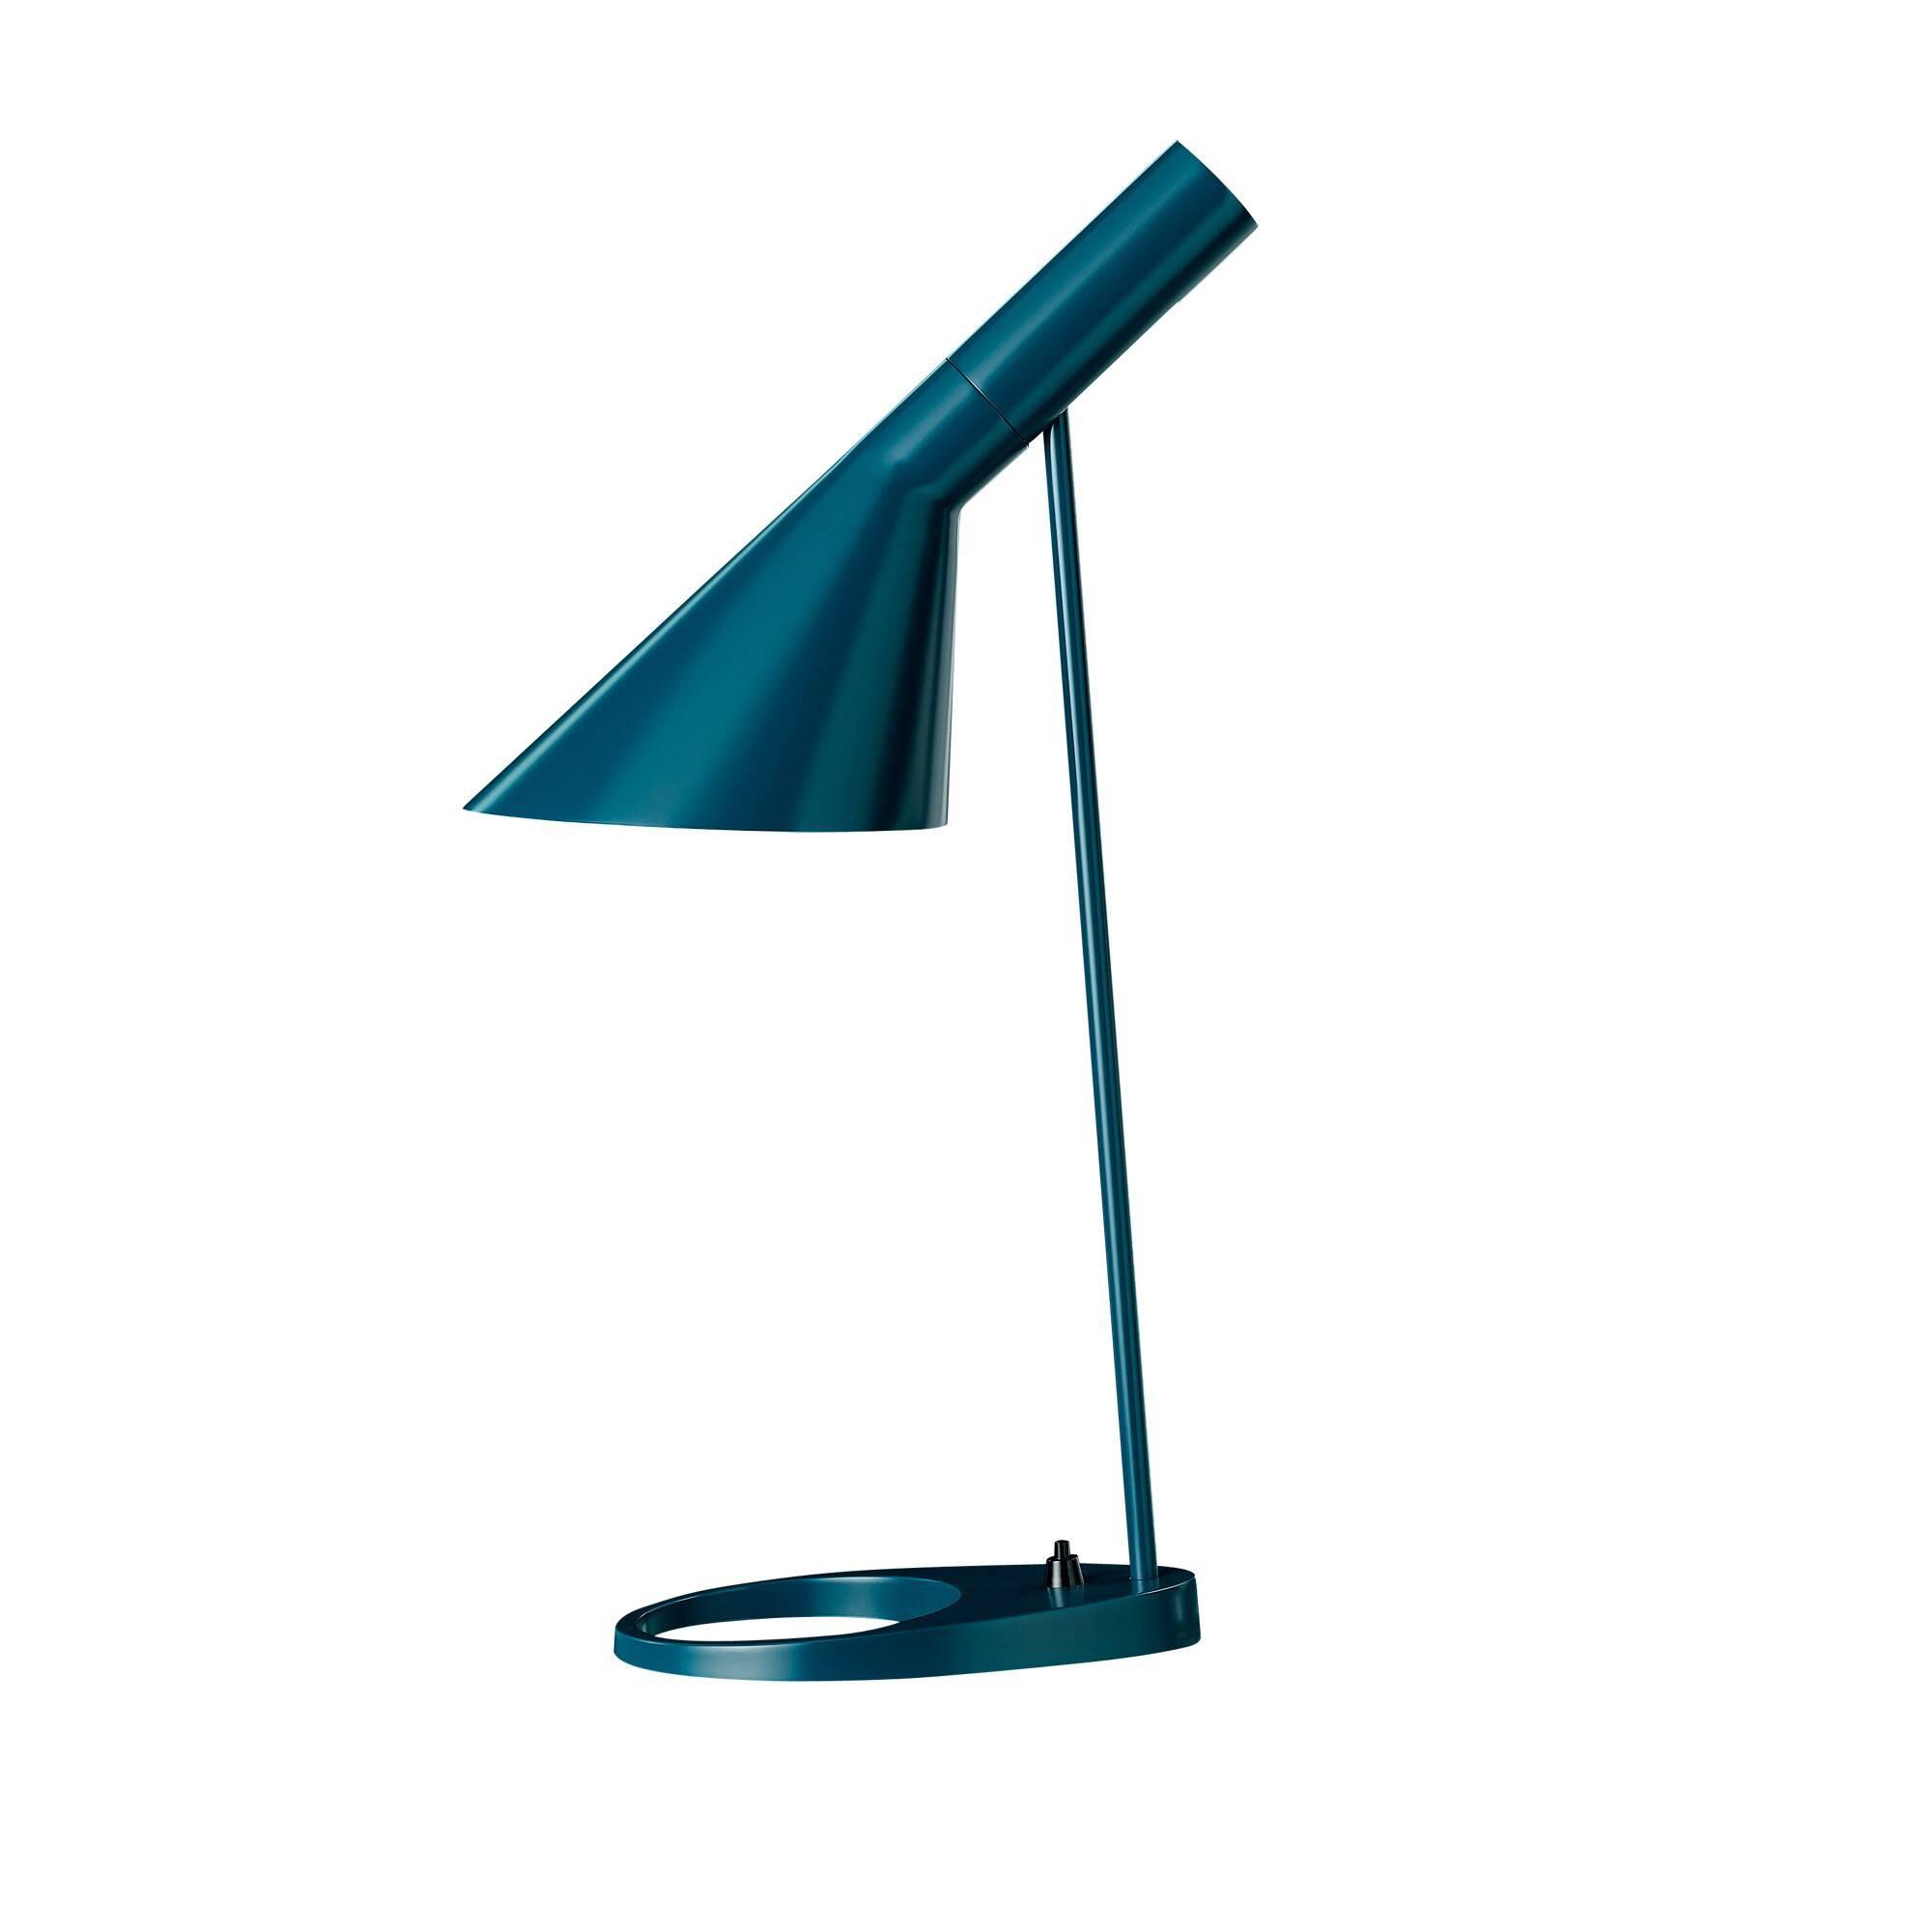 Настольный светильник AJ EBНастольные<br>Датский архитектор французского происхождения Арне Якобсен в процессе проектирования копенгагенского отеля Radisson SAS Royal в 1957 году разработал простой и невероятно изысканный стиль Visor. Прямые линии, смелые образы и неожиданные формы — все это Арне вкладывал в свой проект, не пропуская никаких мелких деталей, включая внешний вид столовых приборов отеля. В этом же стиле Visor представлен настольный светильник AJ EB.<br><br><br> Для его изготовления применены новейшие технологии обработк...<br><br>stock: 0<br>Высота: 56<br>Диаметр: 16<br>Длина: 21,5<br>Количество ламп: 1<br>Материал абажура: Металл<br>Материал арматуры: Металл<br>Мощность лампы: 60<br>Ламп в комплекте: Нет<br>Тип лампы/цоколь: E27<br>Цвет абажура: Синий<br>Цвет арматуры: Синий